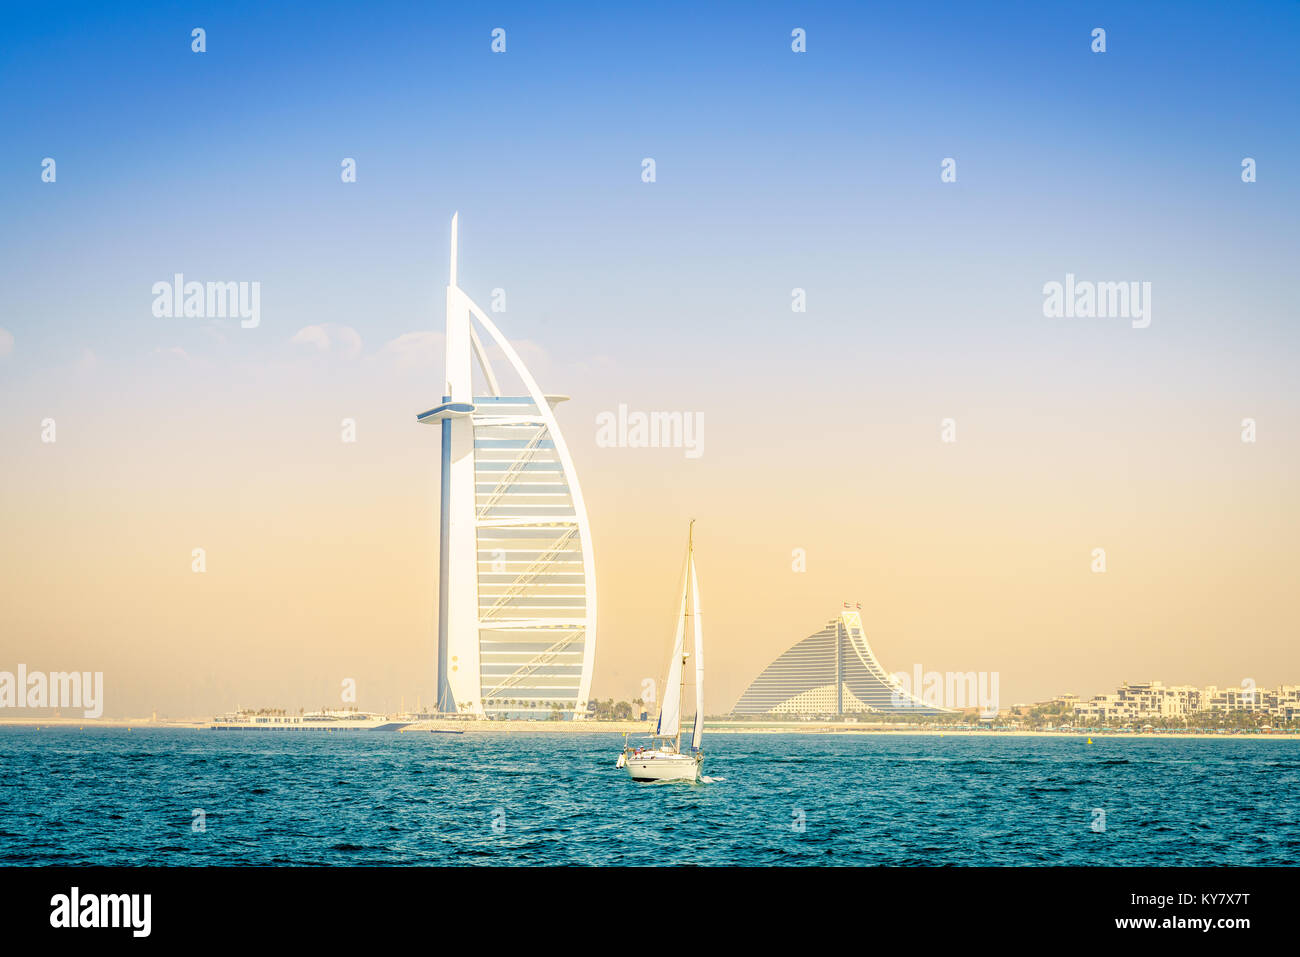 Dubaï, Émirats arabes unis, le 31 mars 2017: vue sur la mer du célèbre Burj Al Arab et Photo Stock